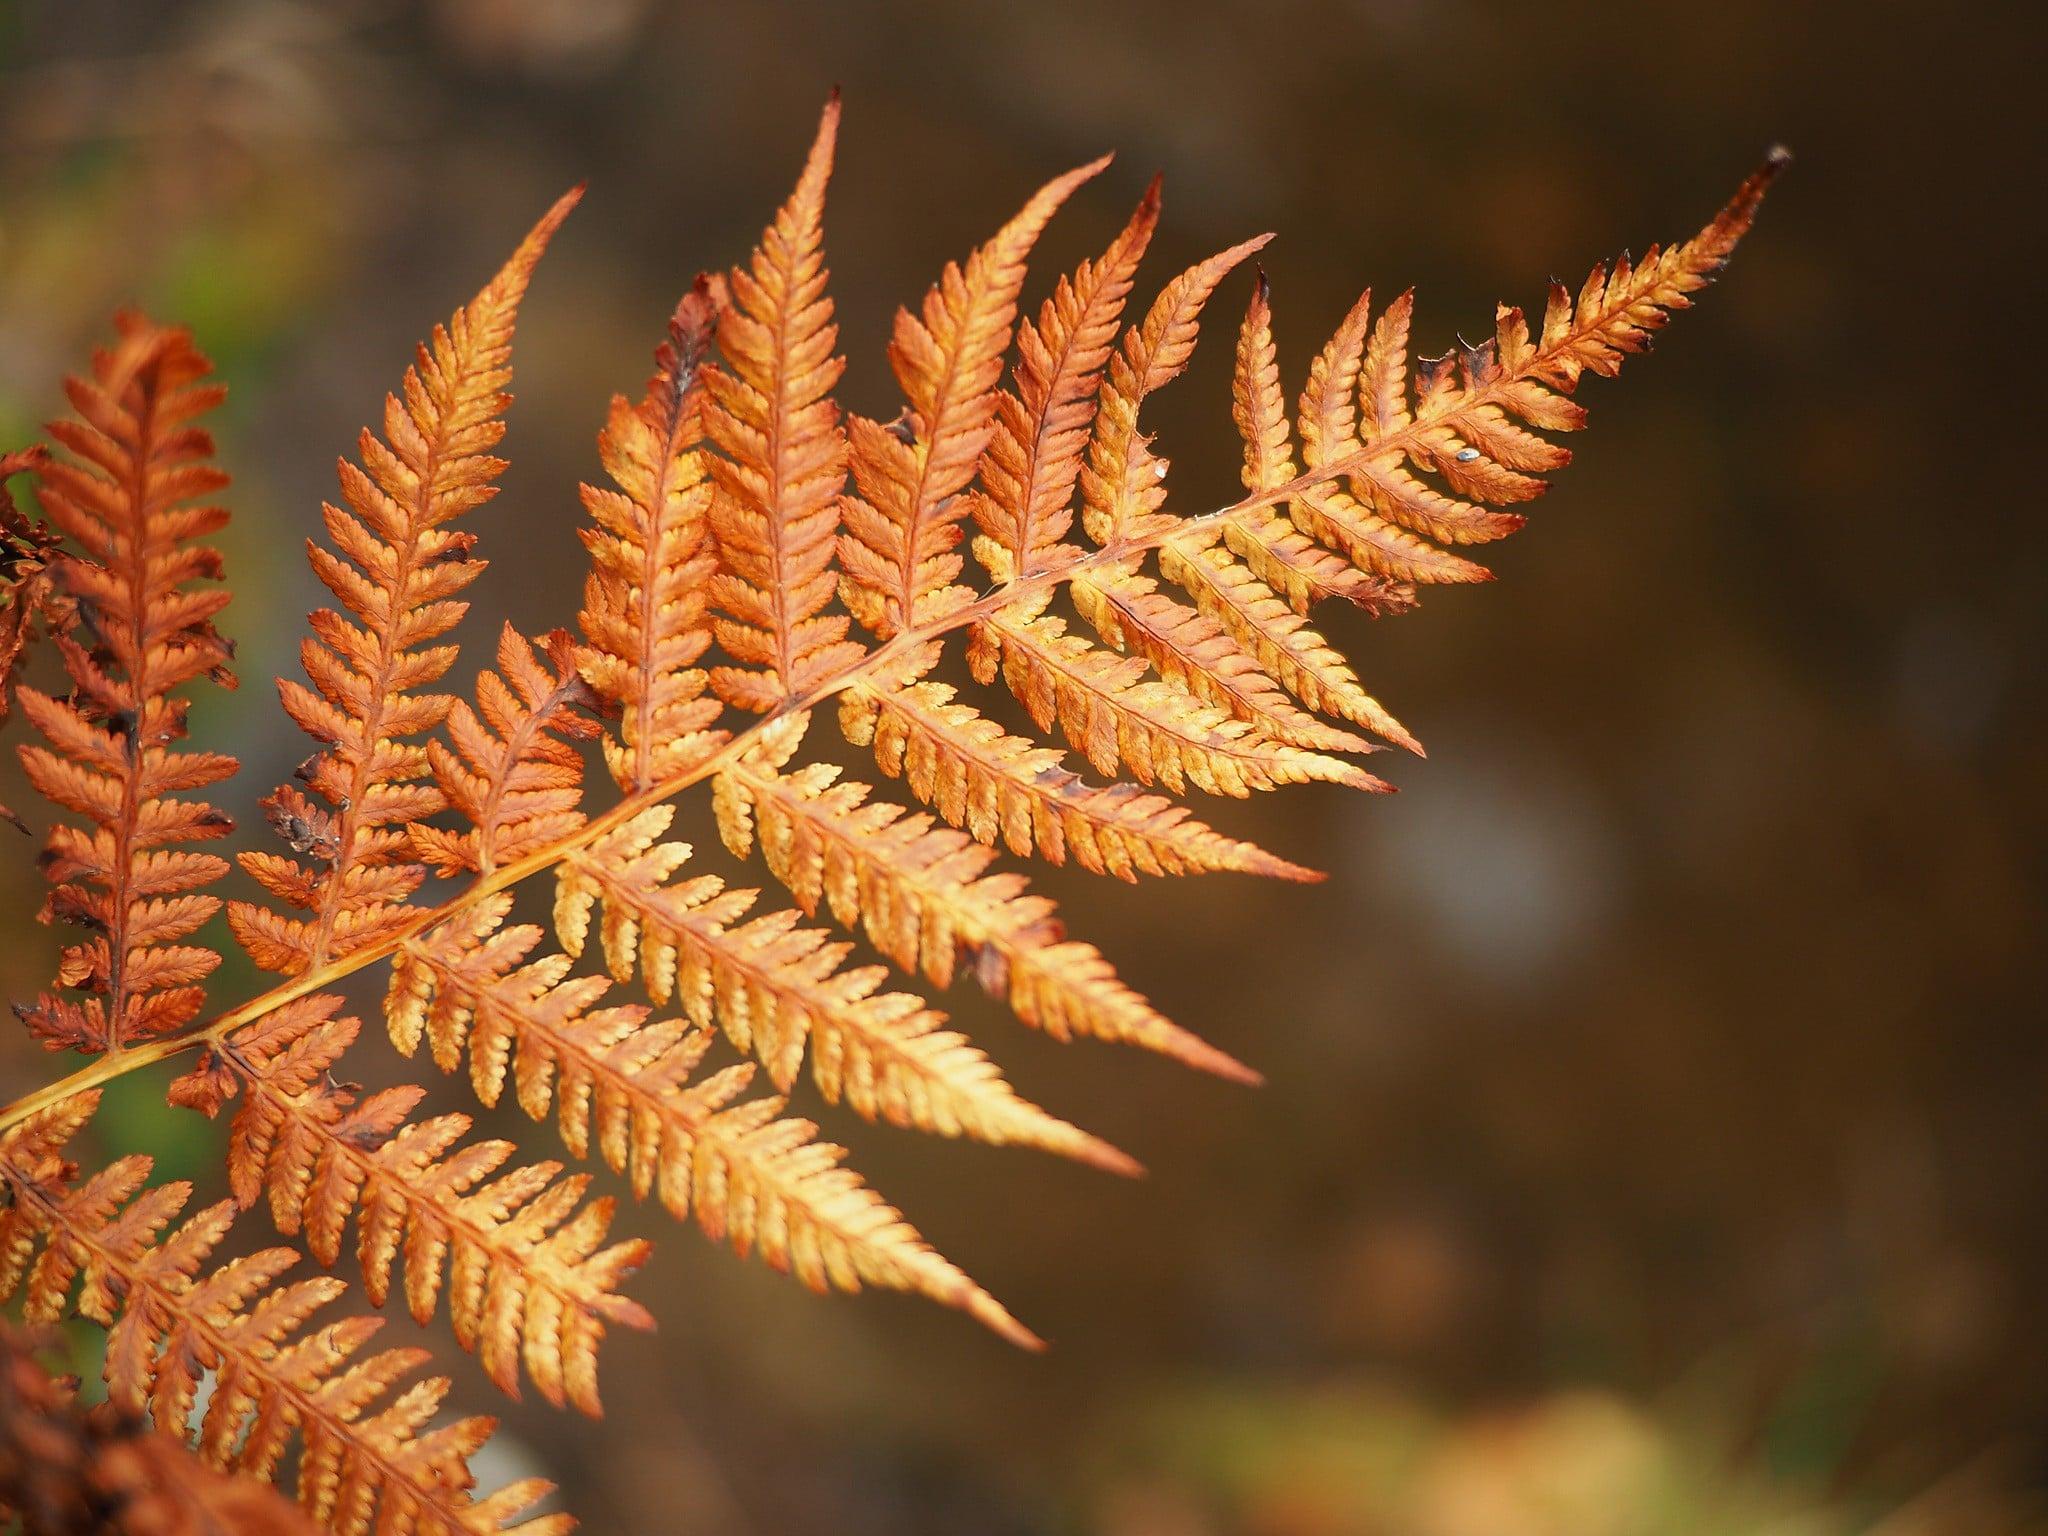 Høstfargene skifter, det gule og røde viker for det brune, vi gleder oss til vinteren nå